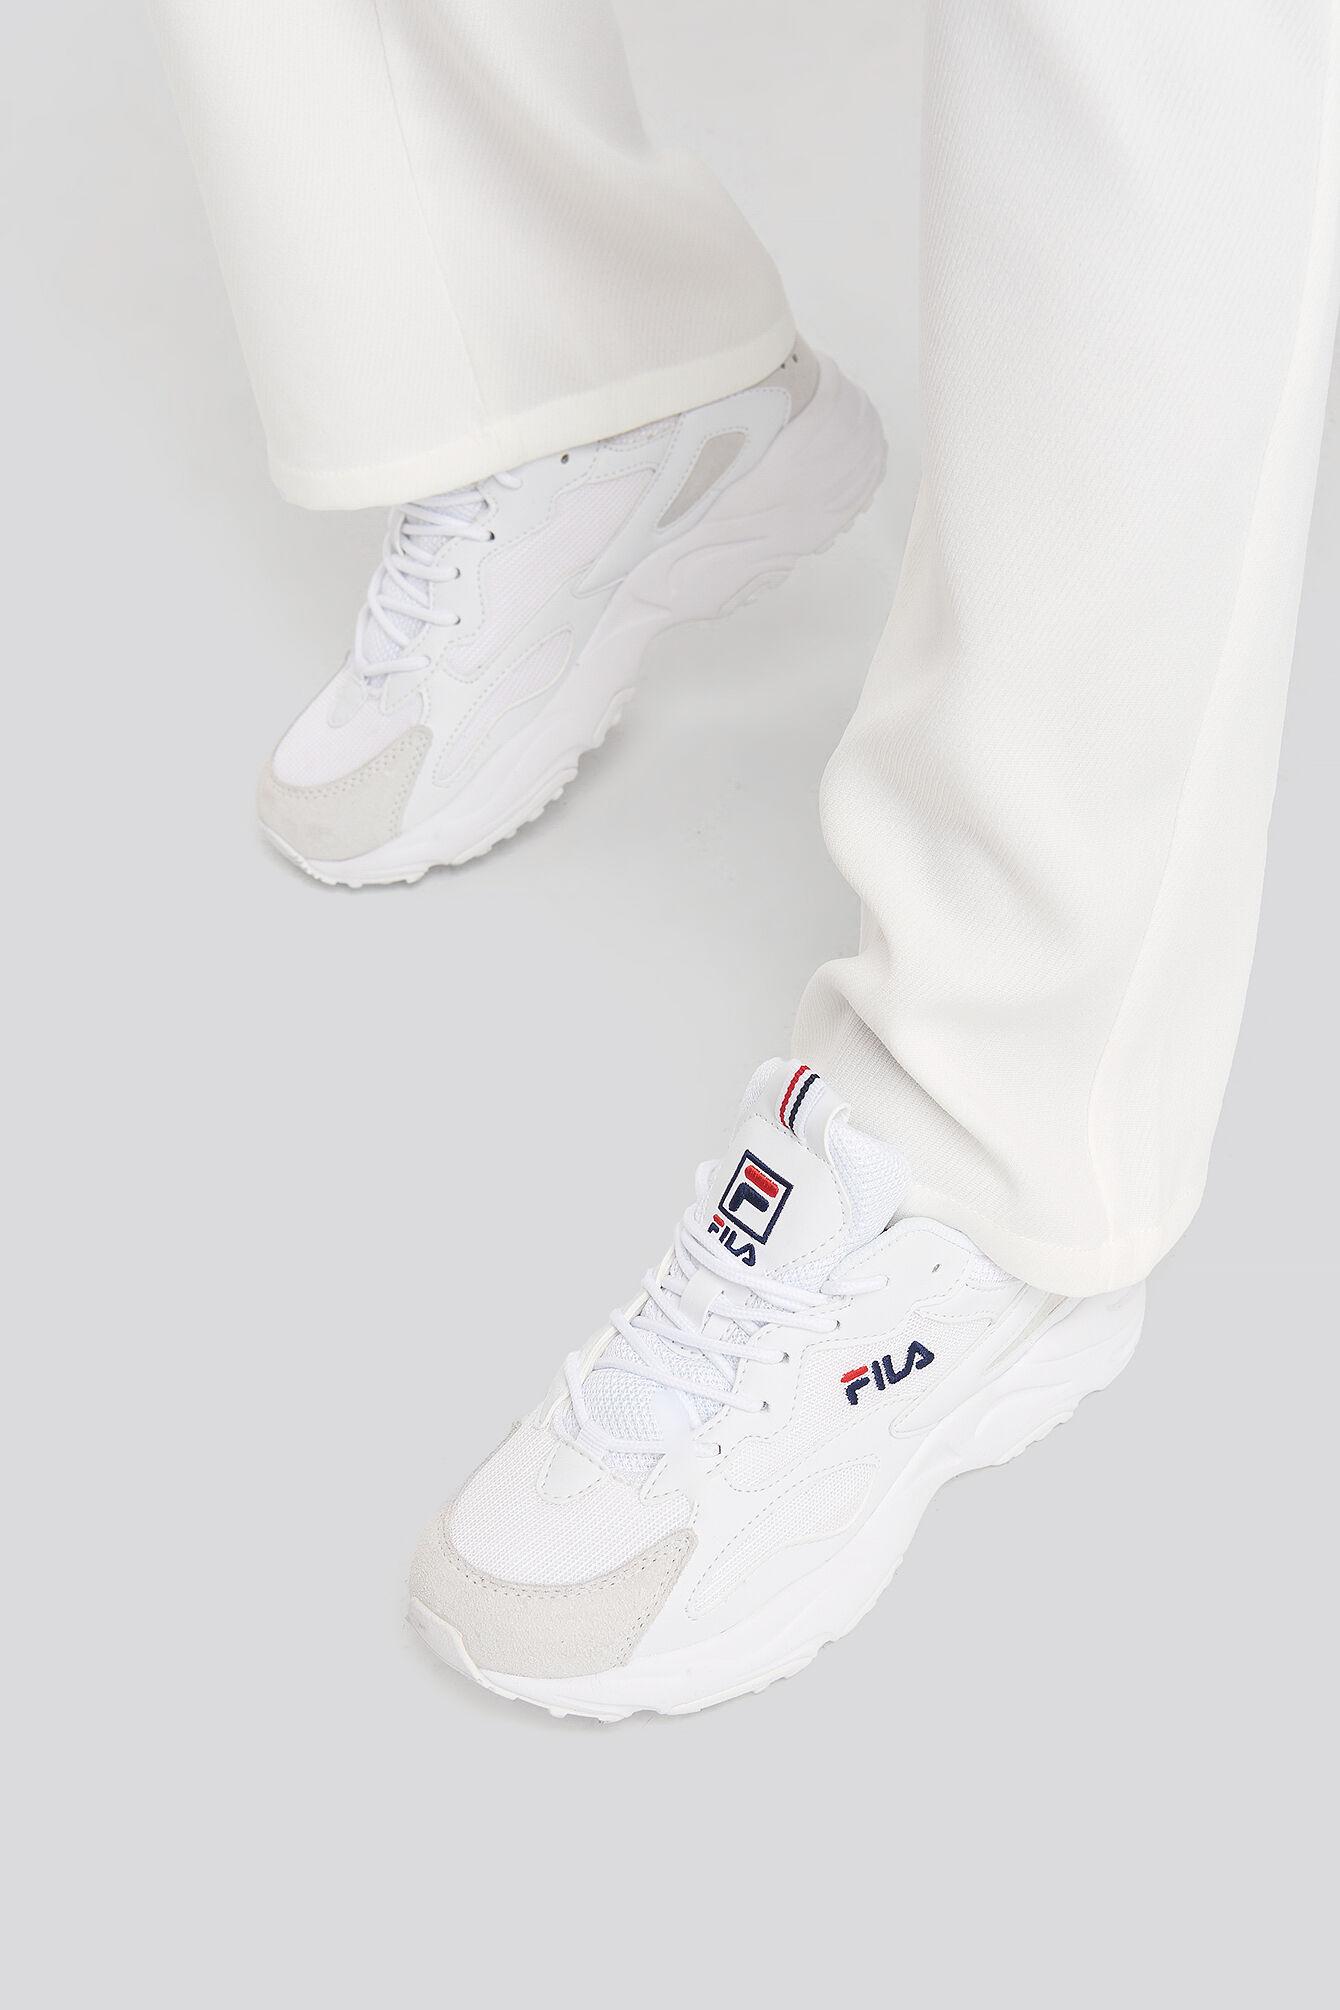 FILA Ray Tracer Wmn Sneaker - White  - Size: EU 36,EU 37,EU 38,EU 39,EU 40,EU 41